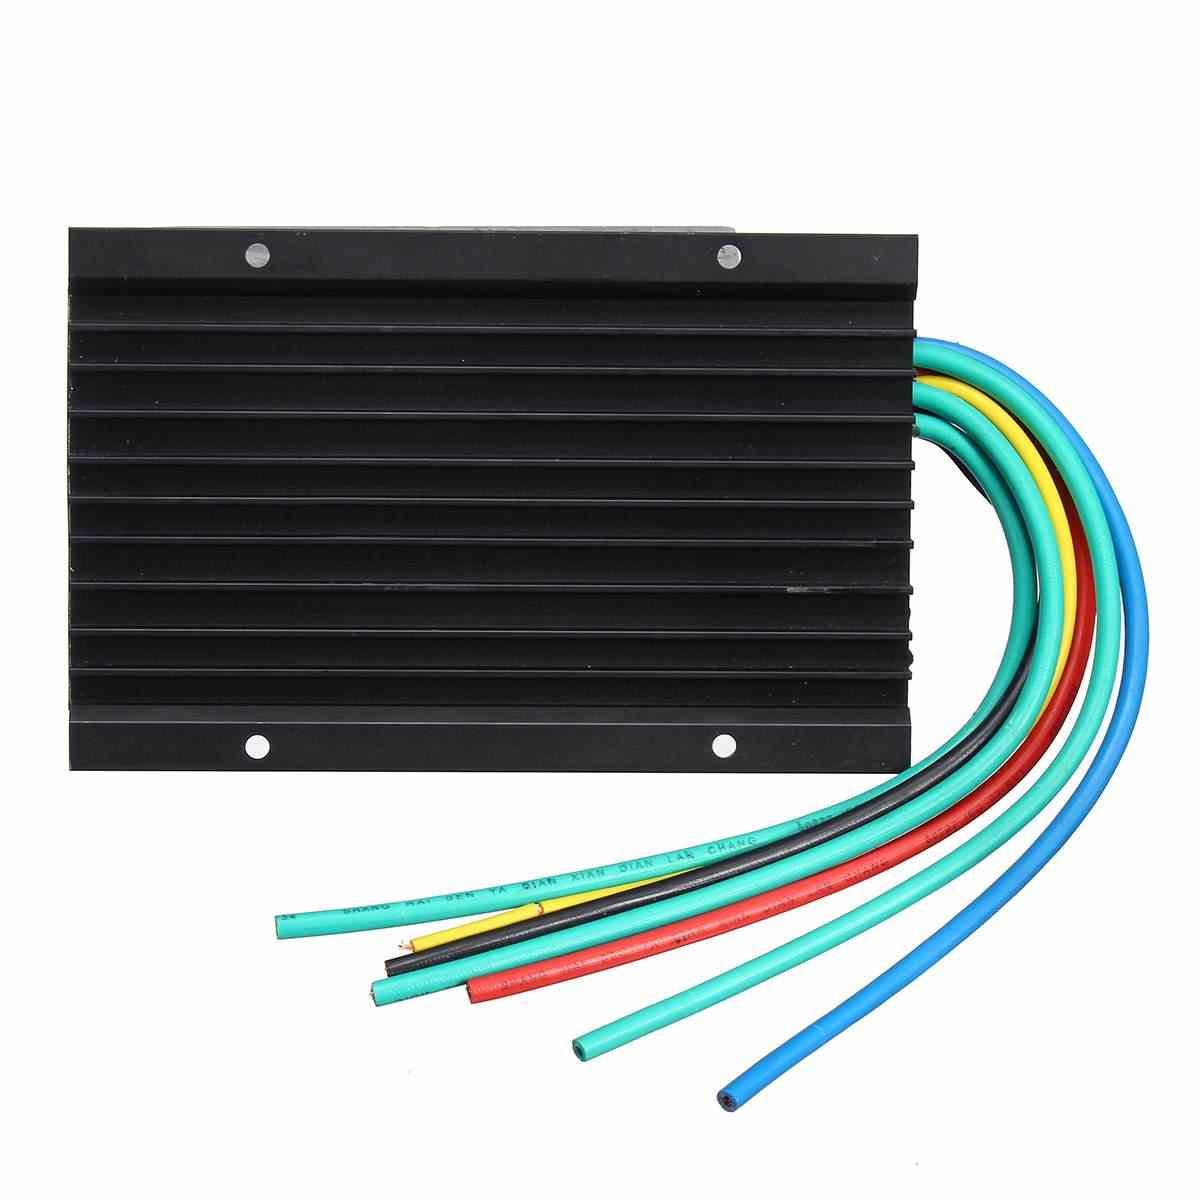 12 В/24 В 30A 500 Вт/1000 Вт непромокаемые ветровой Солнечный контроллер генератор заряда 400 Вт/800 Вт ветер и свет гибридный регулятор контроллер